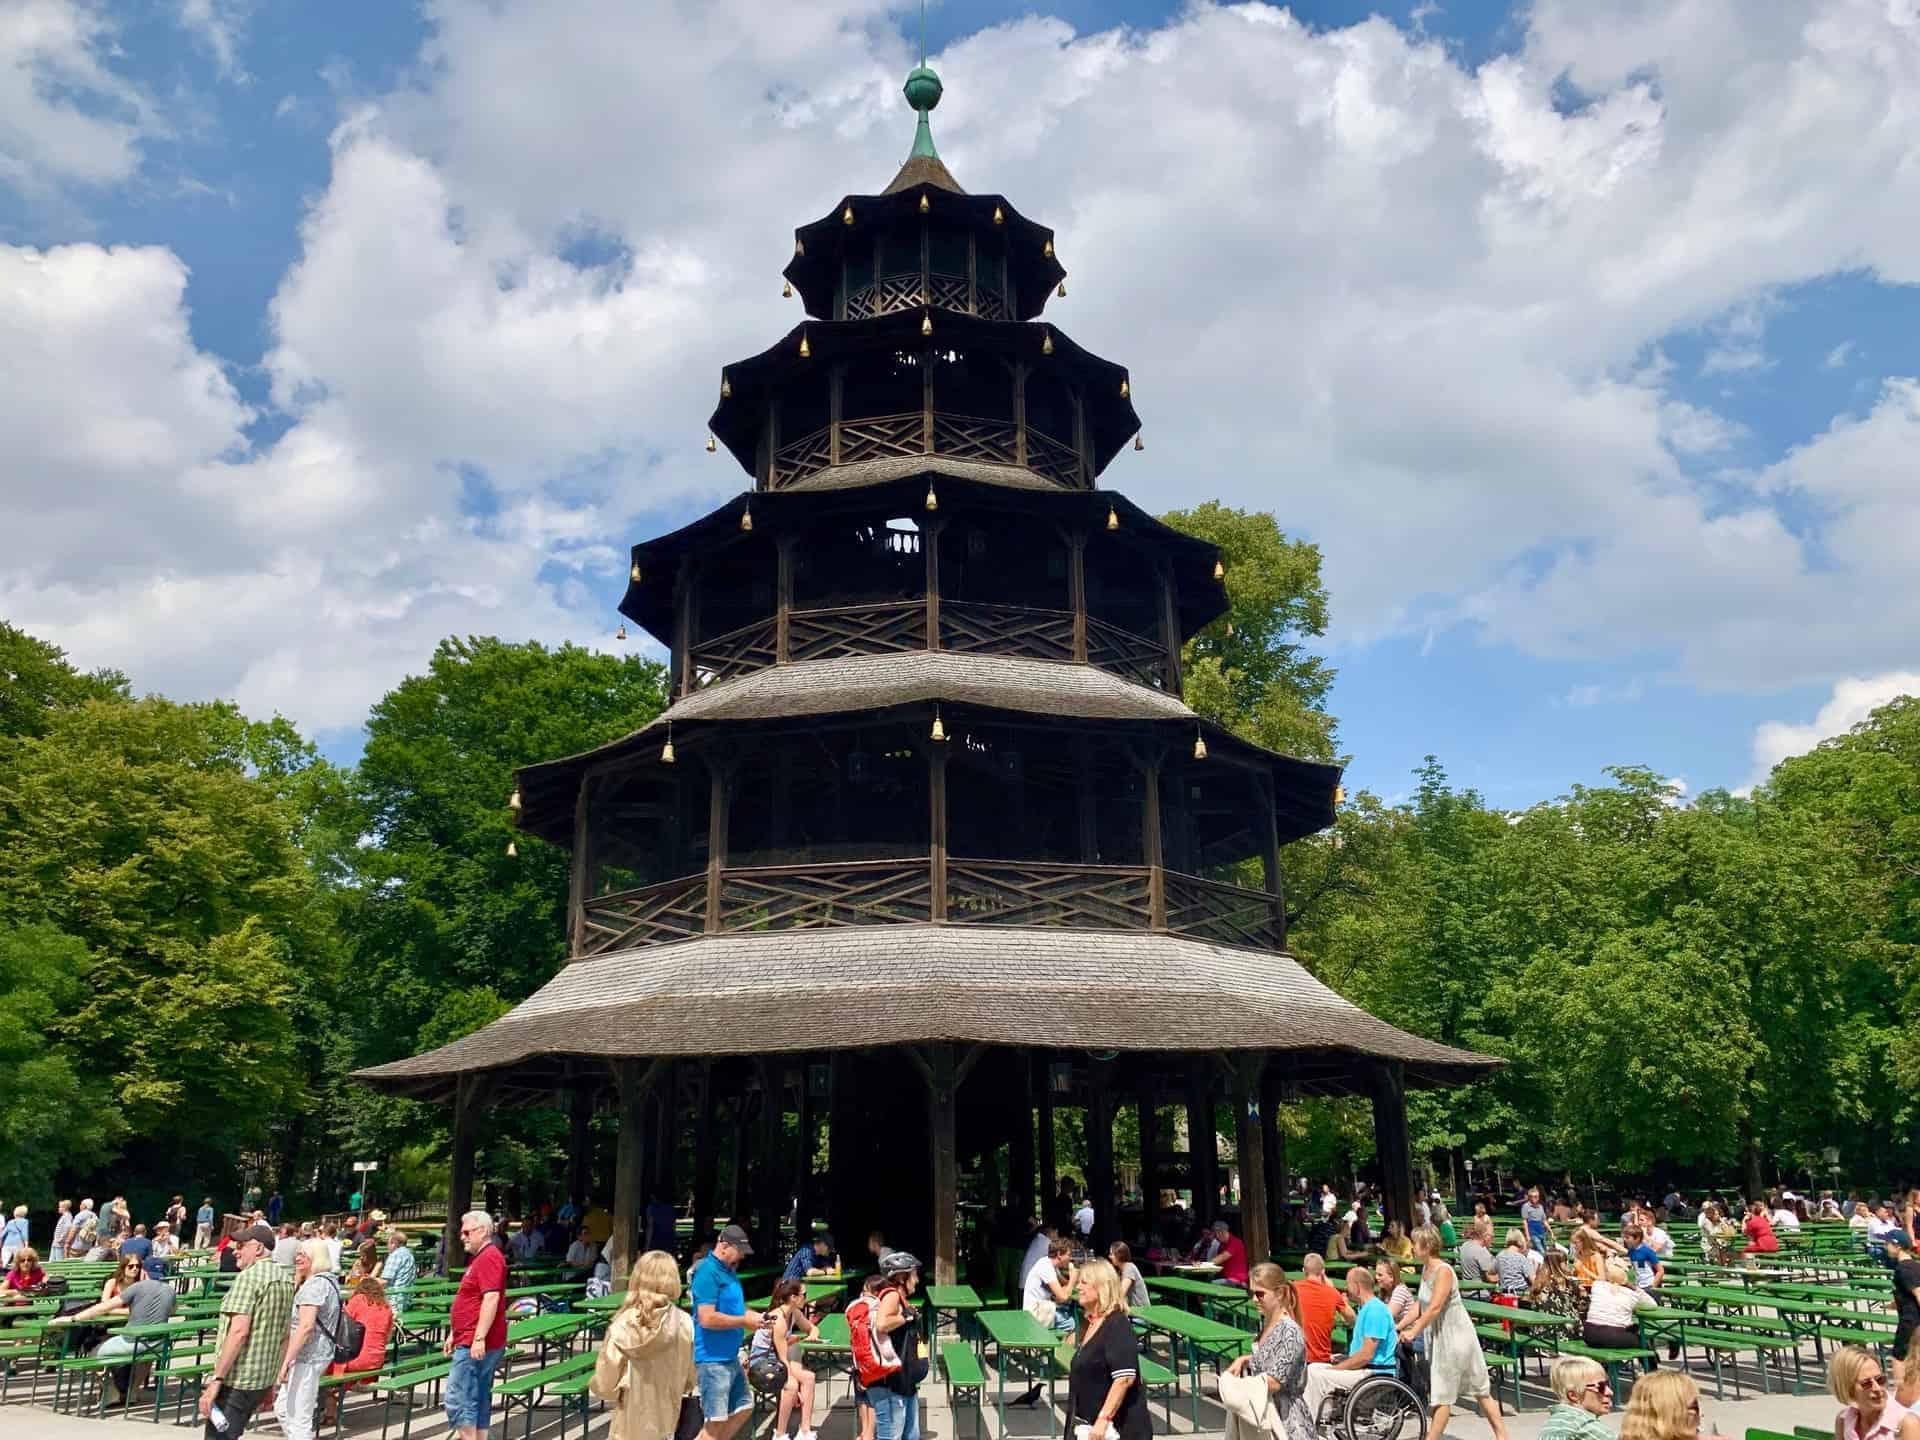 München_Biergarten_Chinesischer_Turm